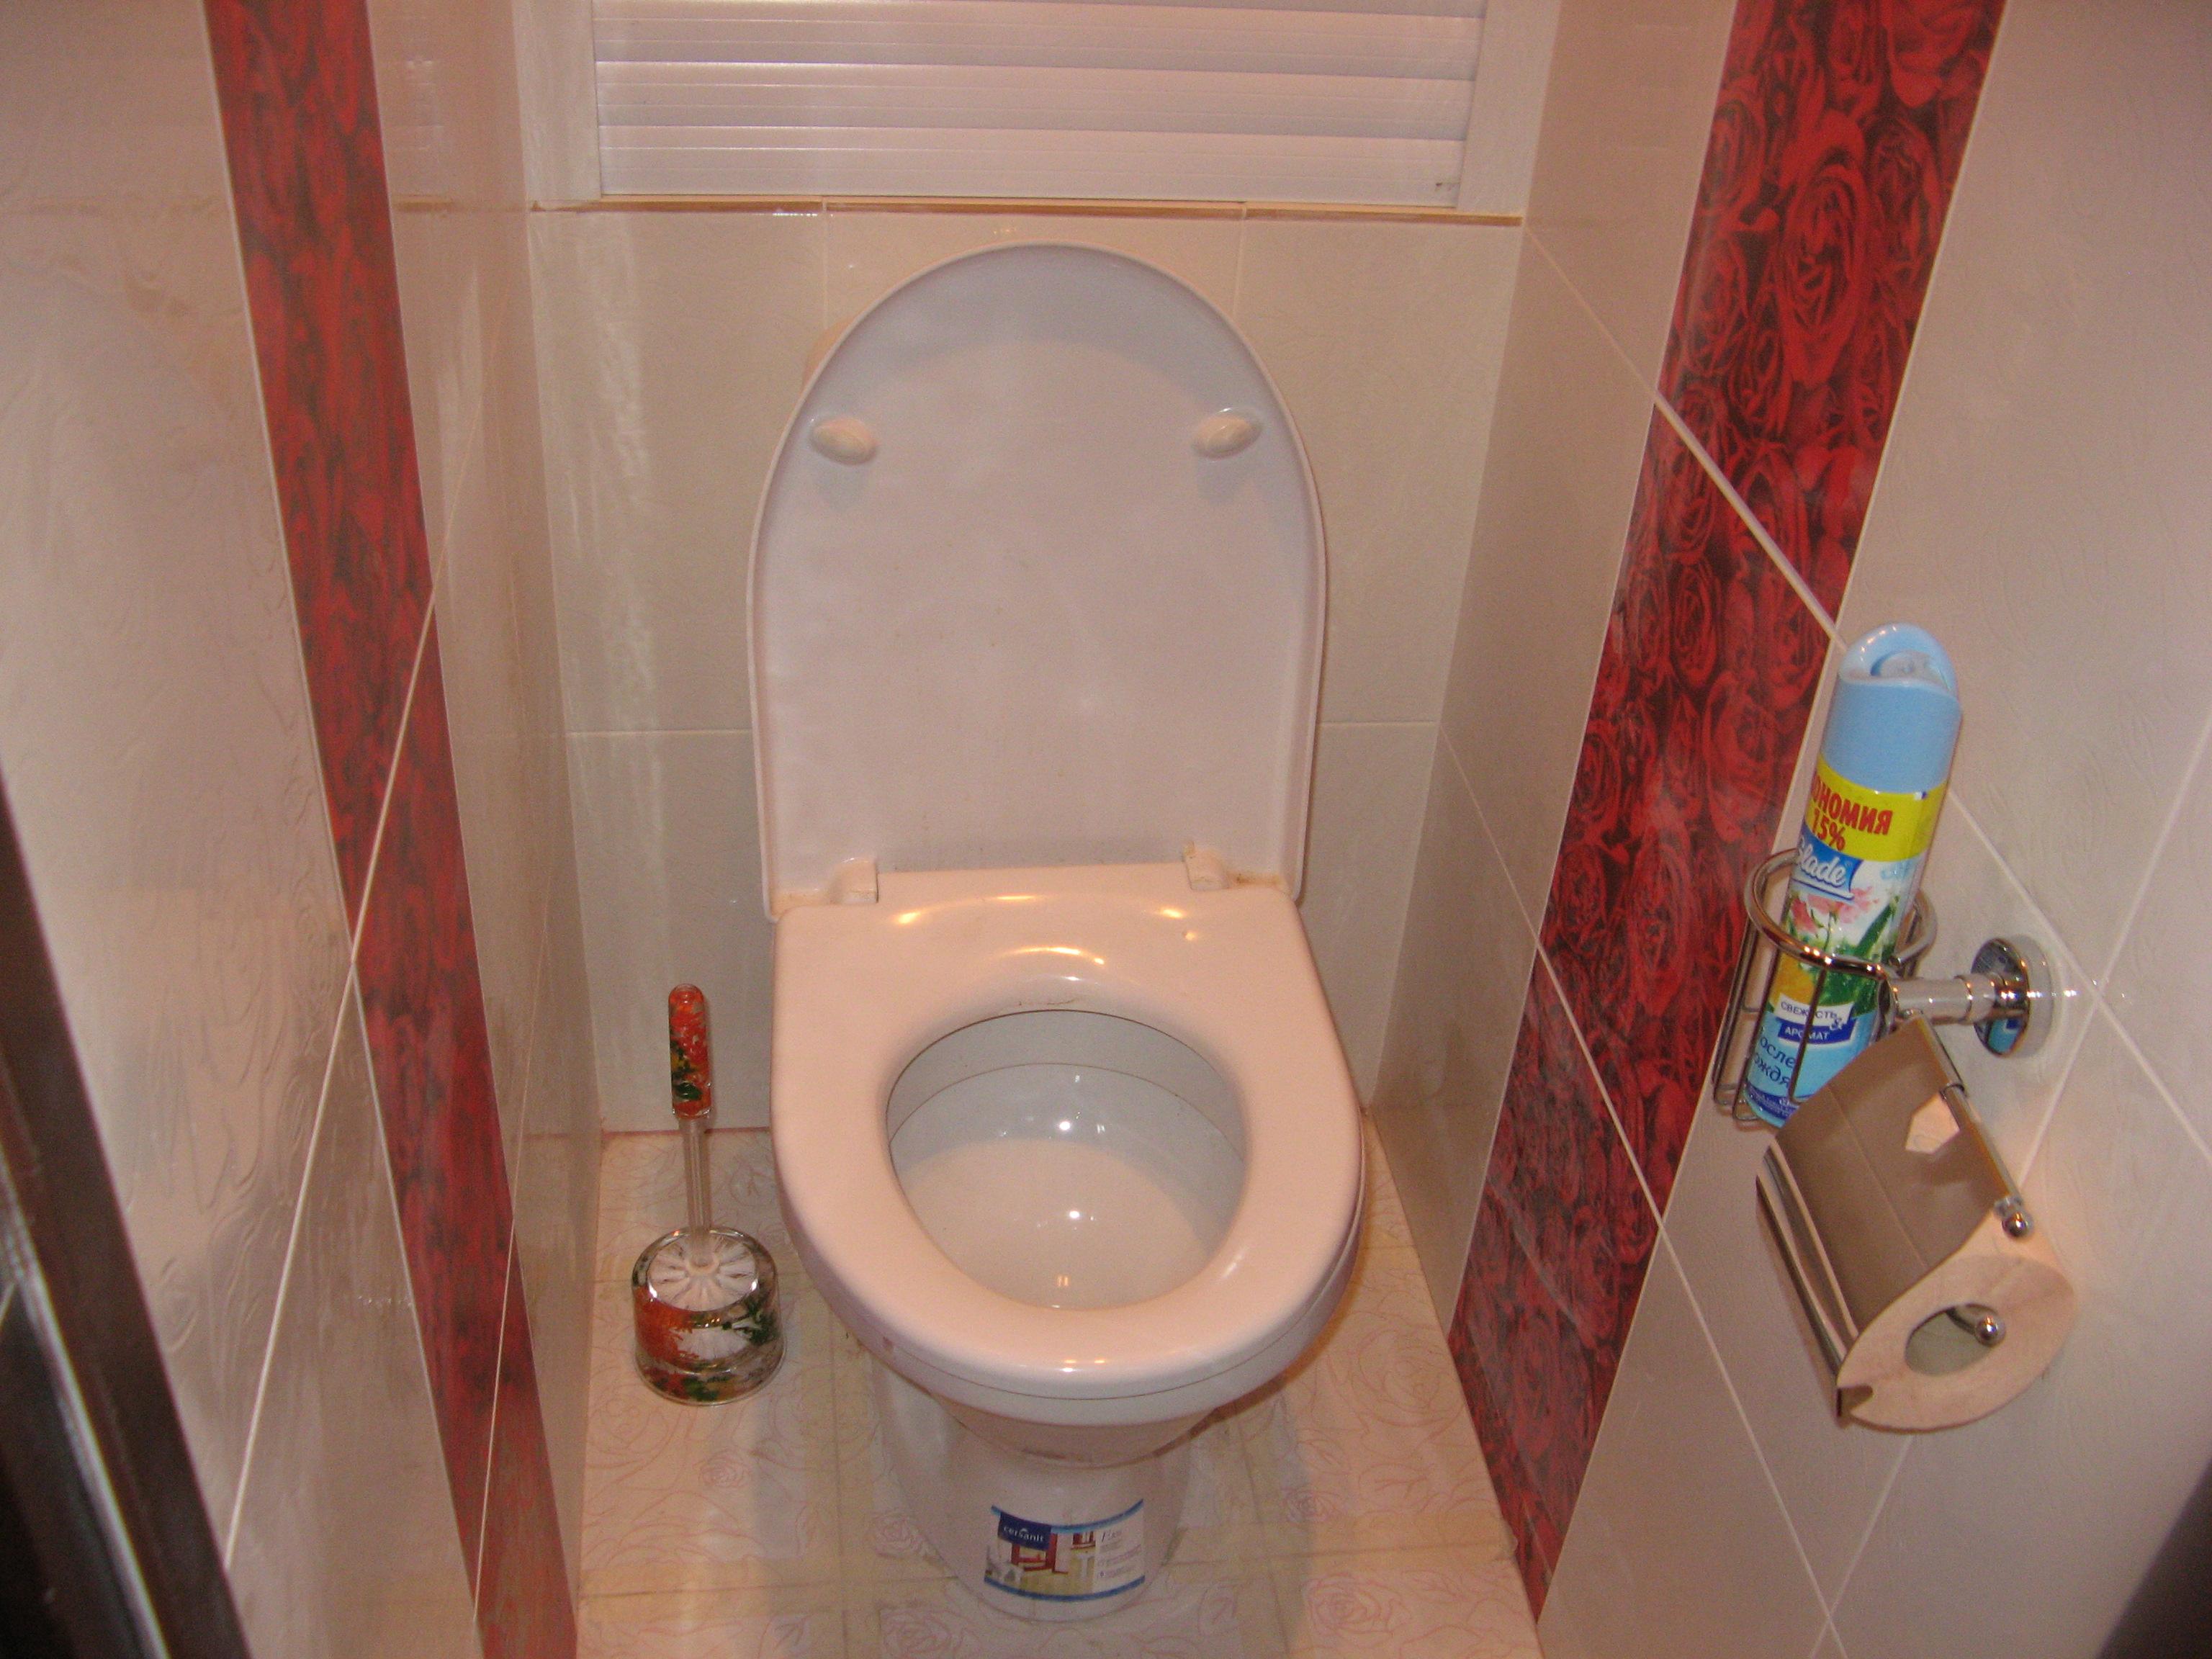 Фото прокладки в туалете 22 фотография